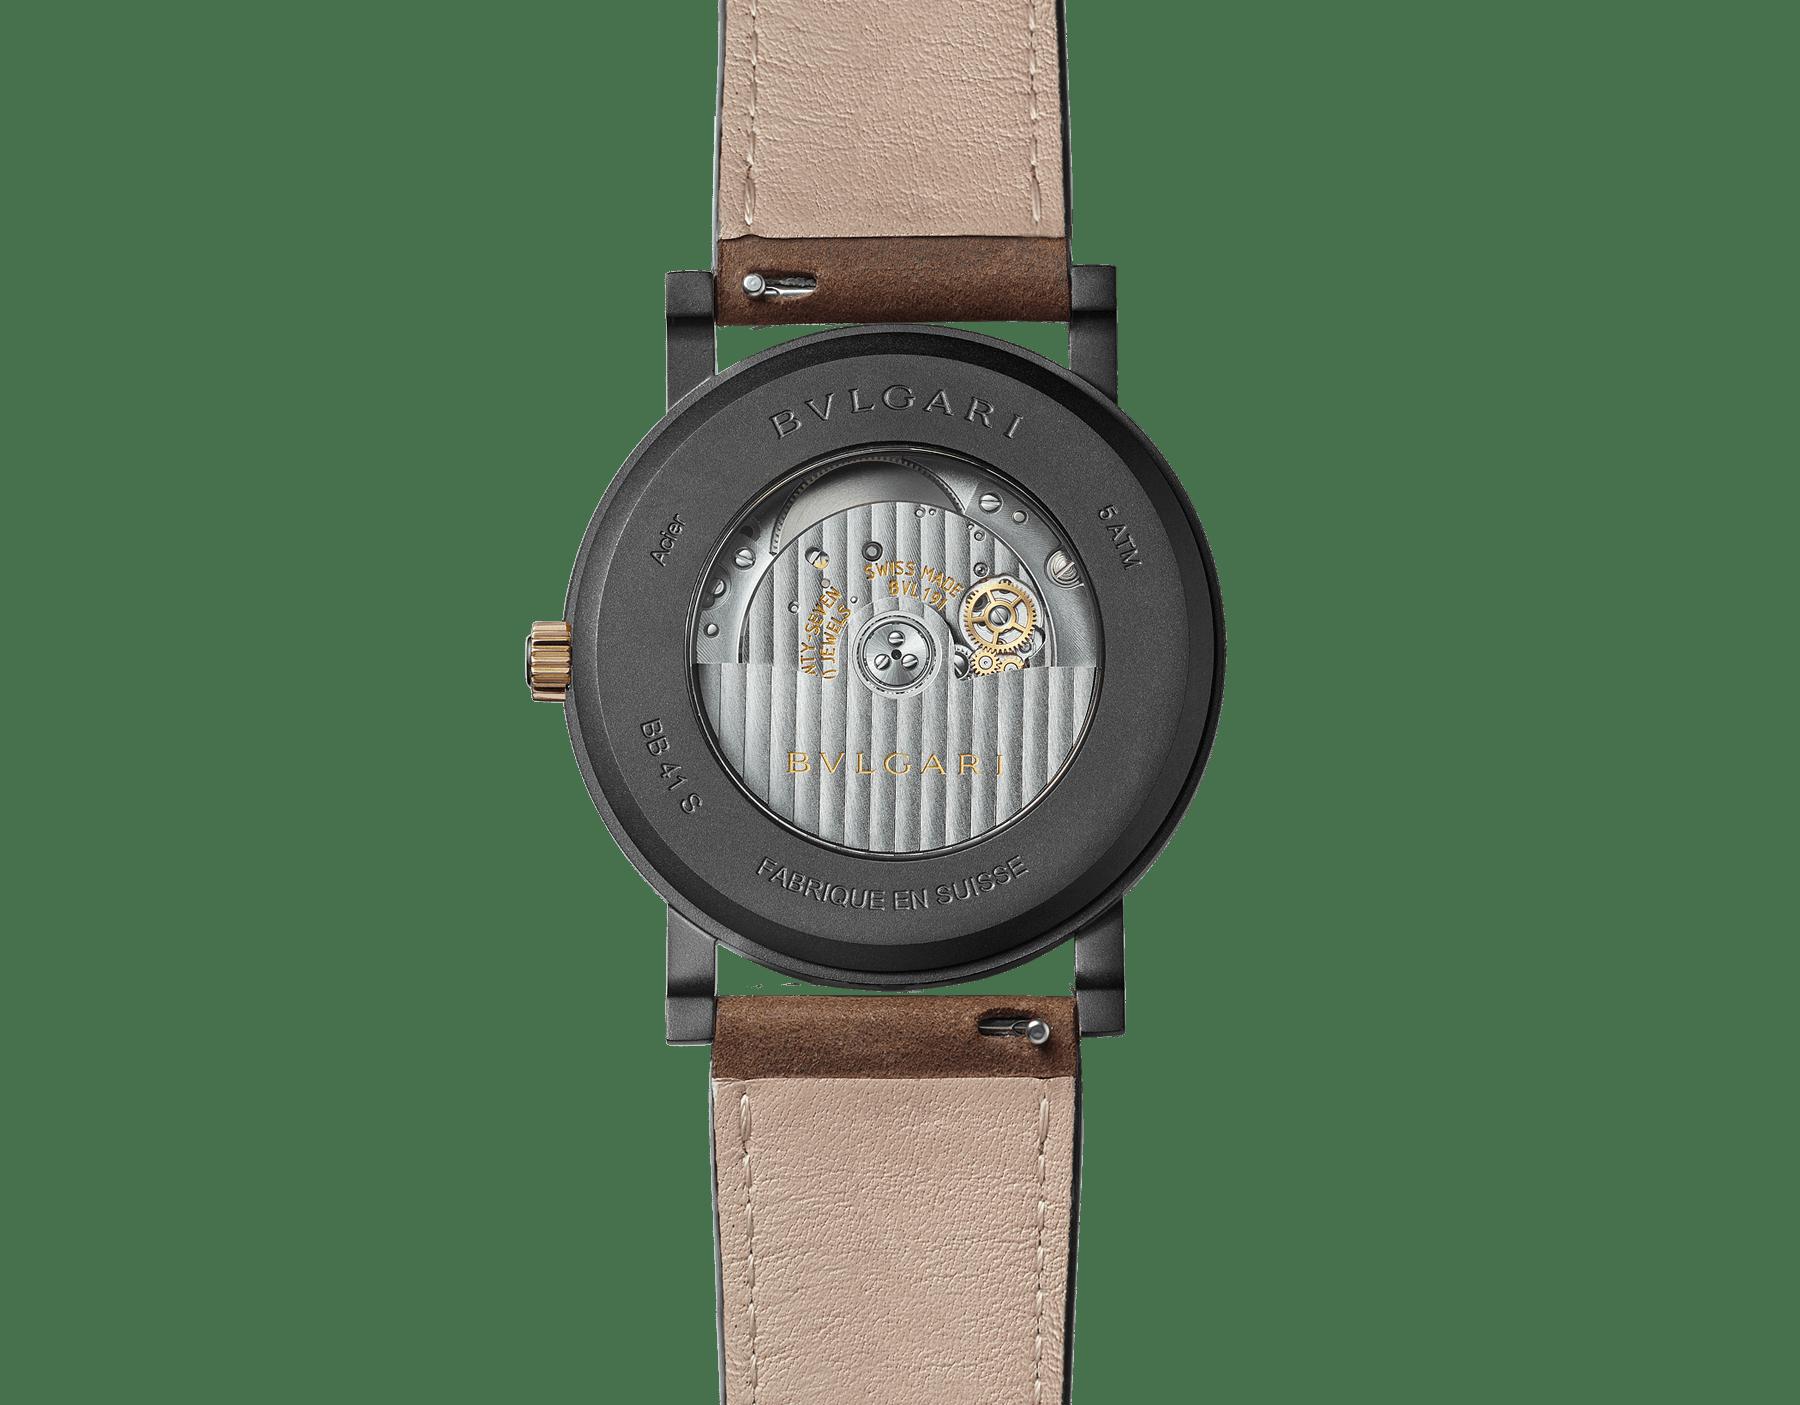 """ساعة """"بولغري بولغري سيتيز سبيشل إيديشن، ROMA"""" بآلية حركة ميكانيكية مصنّعة من قبل بولغري، تعبئة أوتوماتيكية، آلية BVL 191.، علبة الساعة من الفولاذ المعالج بالكربون الأسود الشبيه بالألماس مع نقش """"BVLGARI ROMA"""" على إطار الساعة، غطاء خلفي شفاف، ميناء مطلي بالمينا الأسود الخشن ومؤشرات الساعة من الذهب الوردي، سوار من جلد العجل البني، وسوار قابل للتبديل من المطاط الأسود. 103219 image 6"""